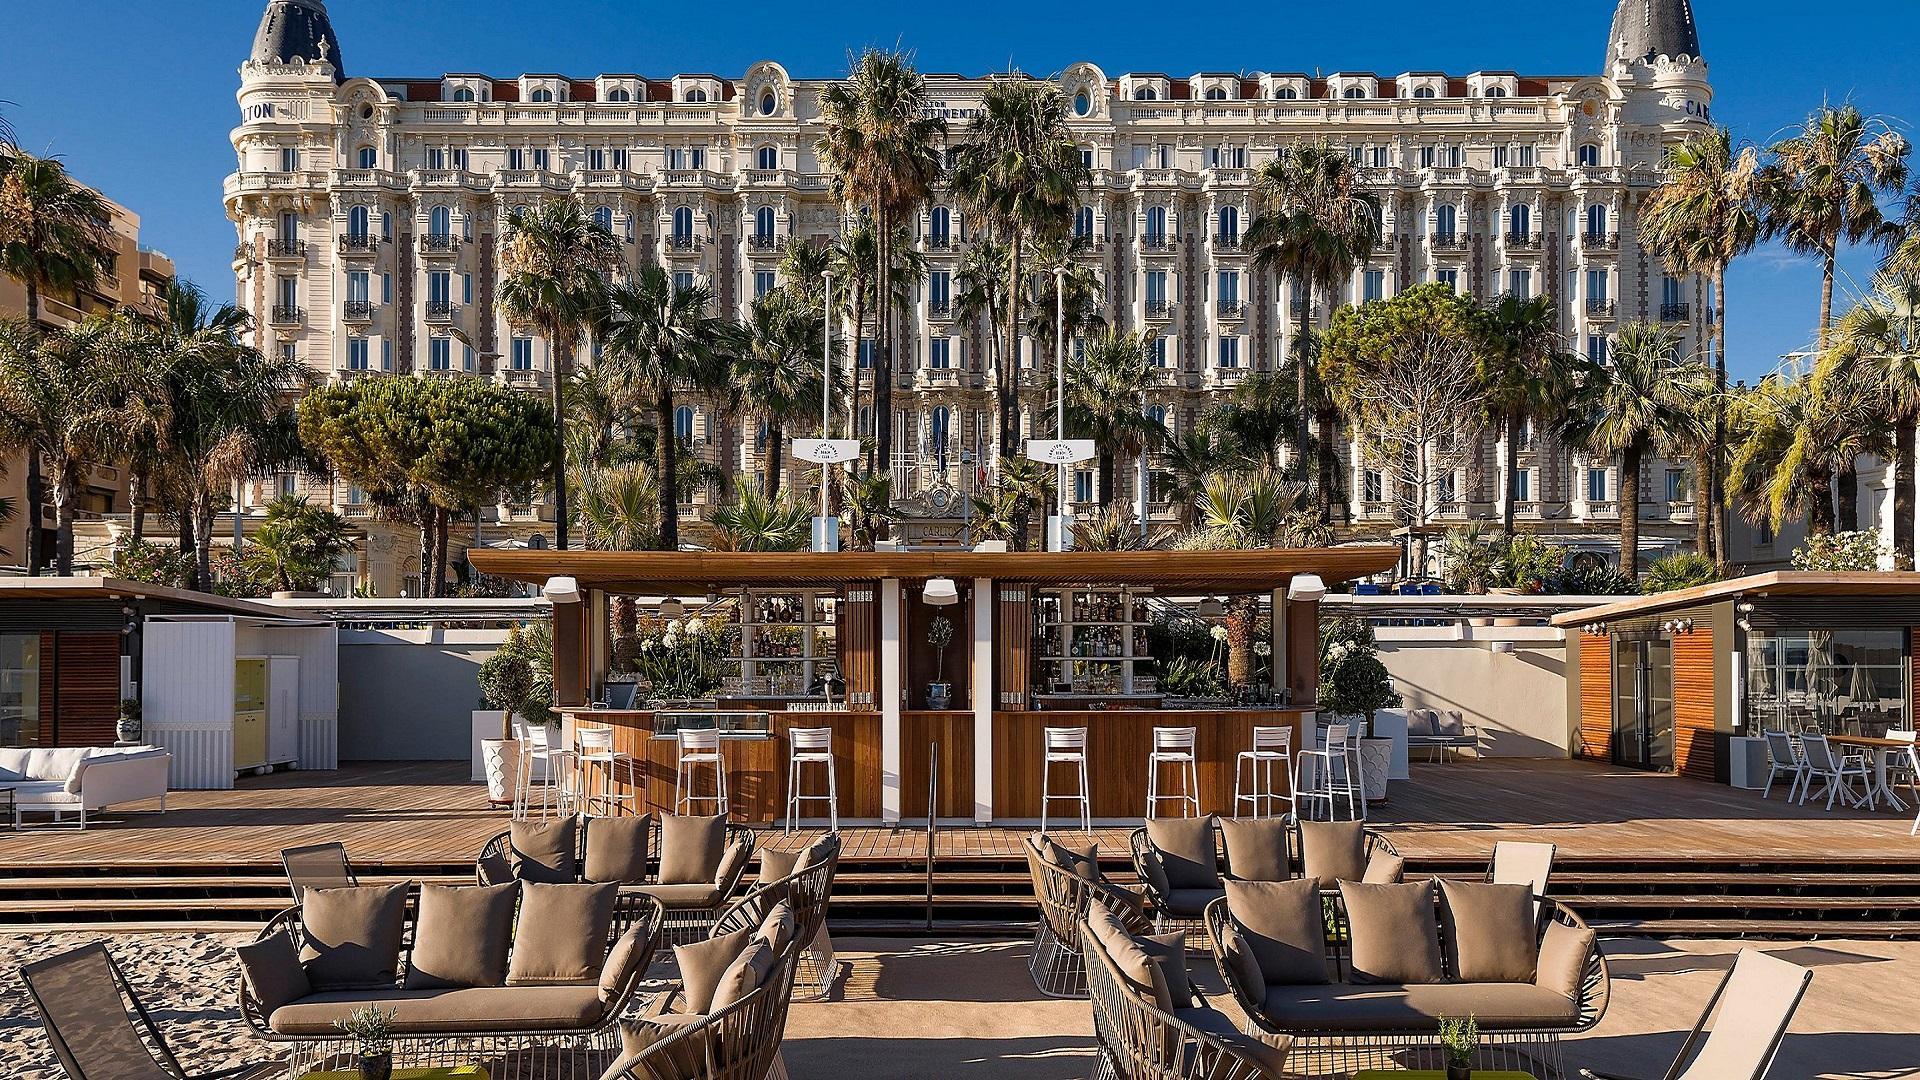 Carlton-Cannes-French-Riviera-cote-dazur-Croisette (8)